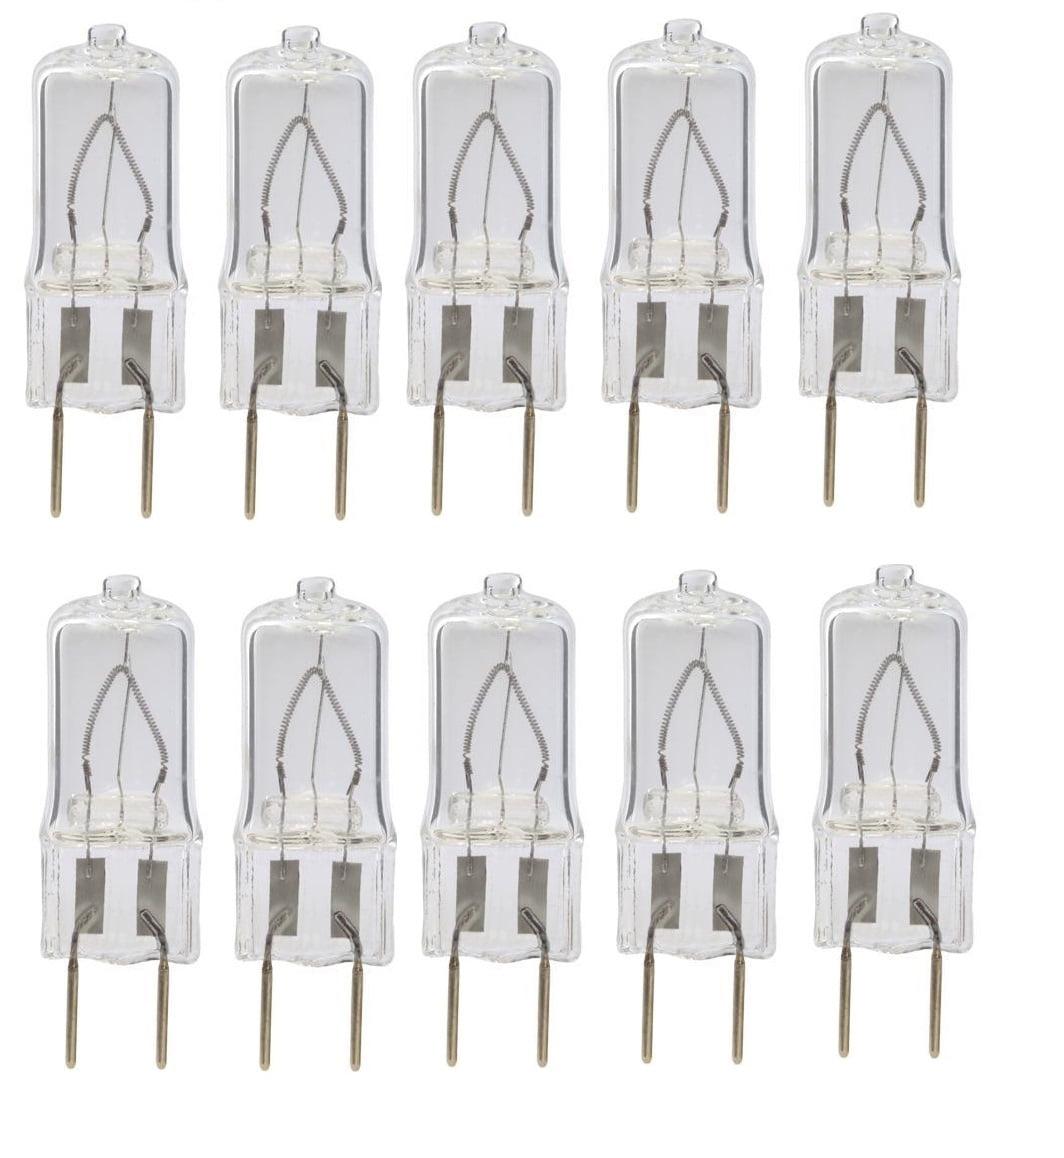 10pack LSE Lighting G8 20 watt Xenon Light Bulb T4 JCD 120V 130V 35mm